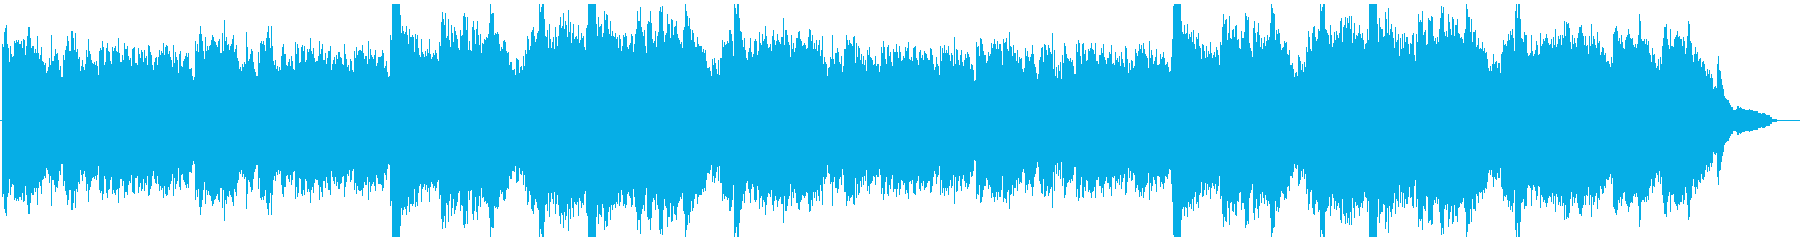 幻想的で温かみのあなピアノ・アンビエントの再生済みの波形